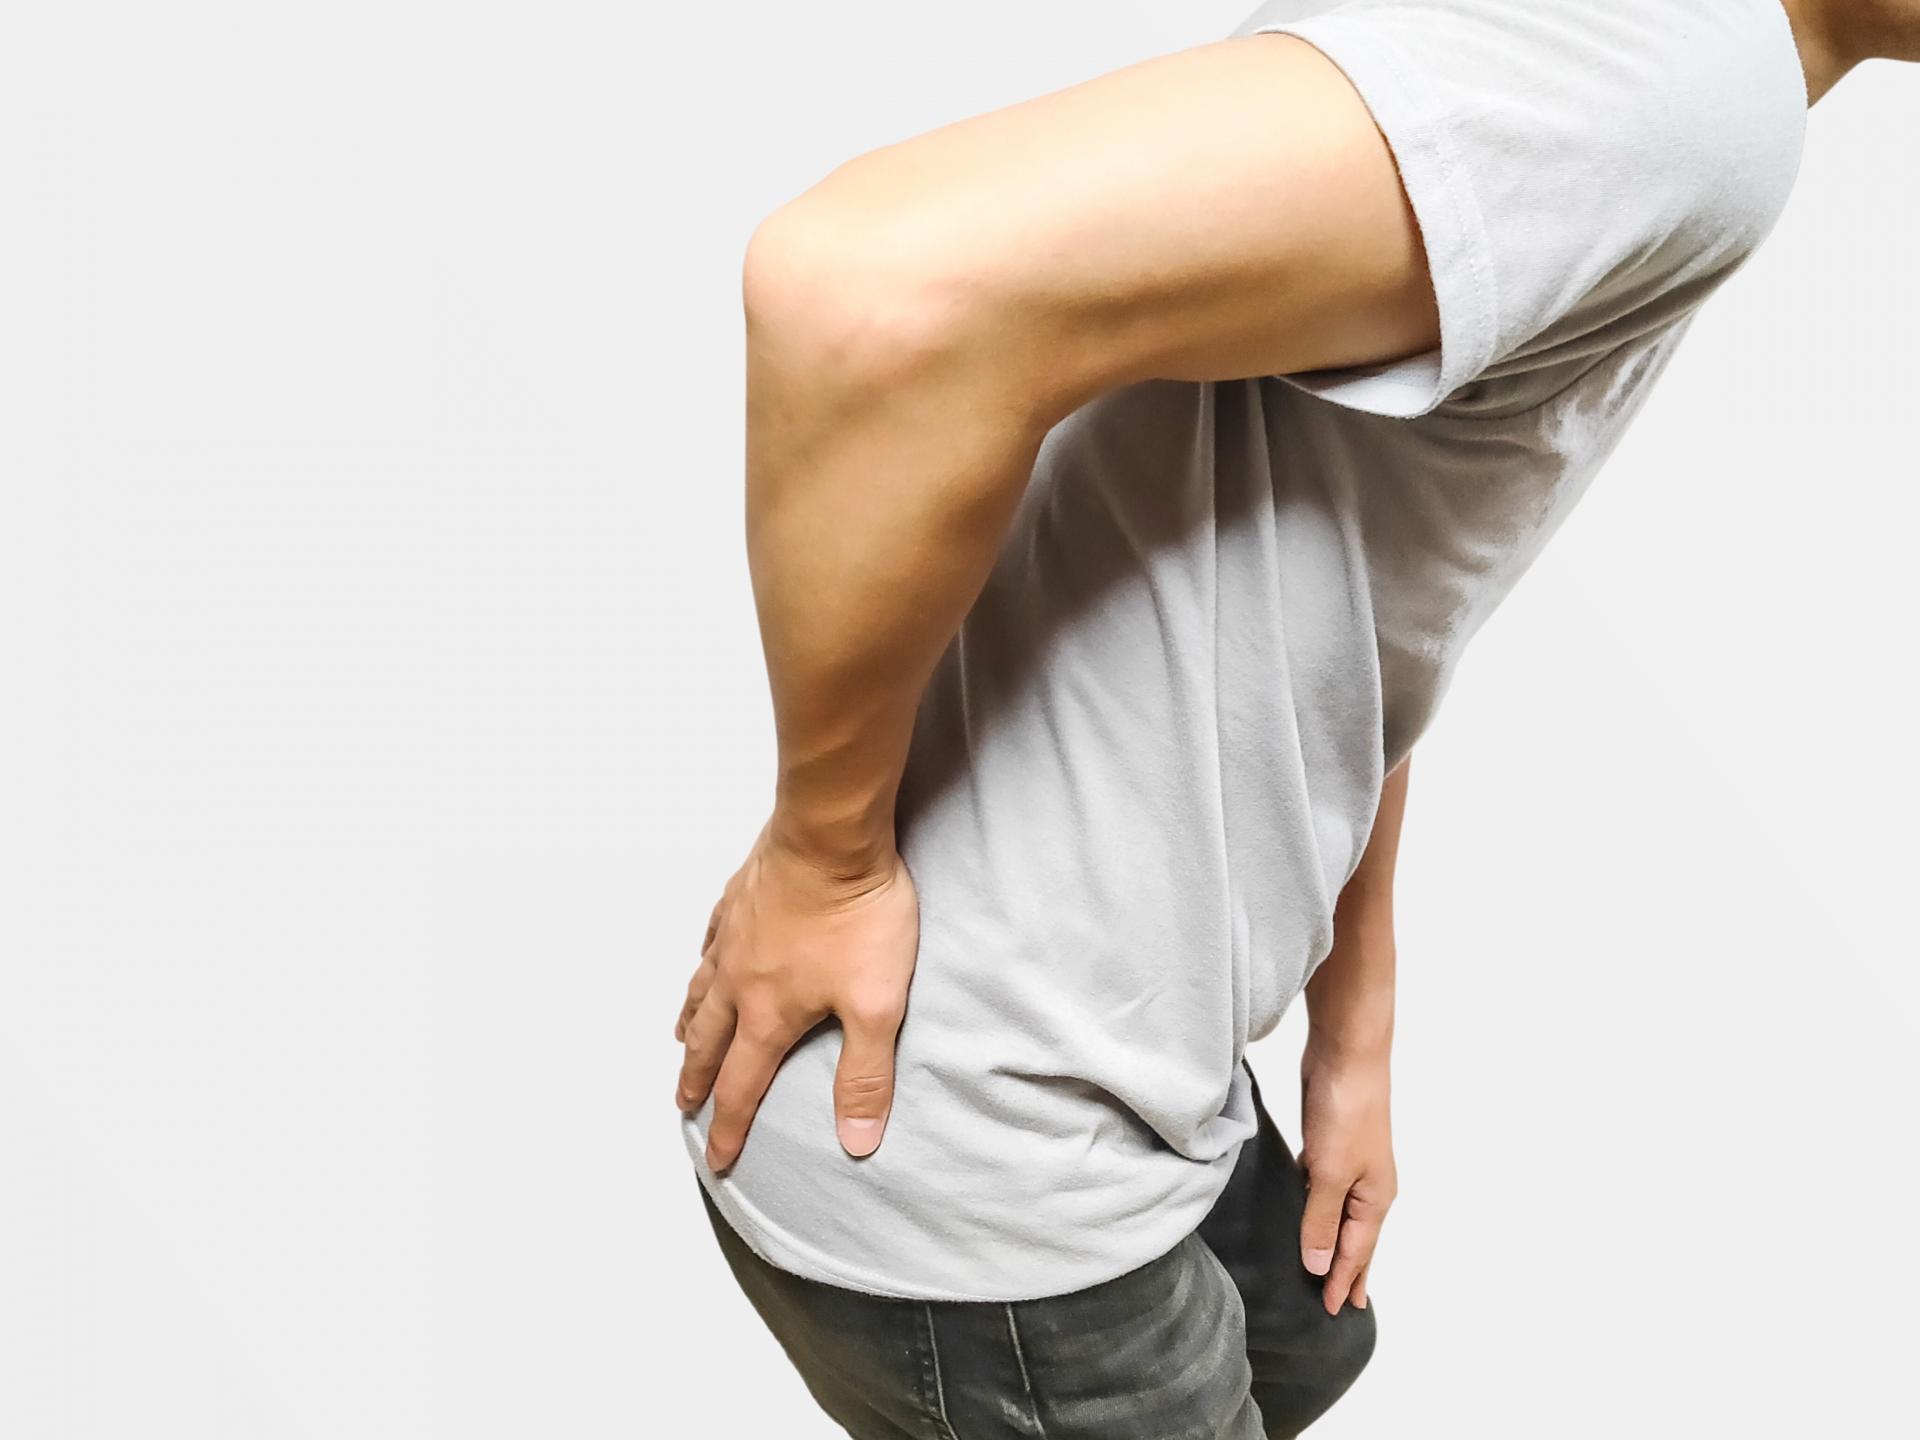 【ランニング障害】〜坐骨神経痛〜